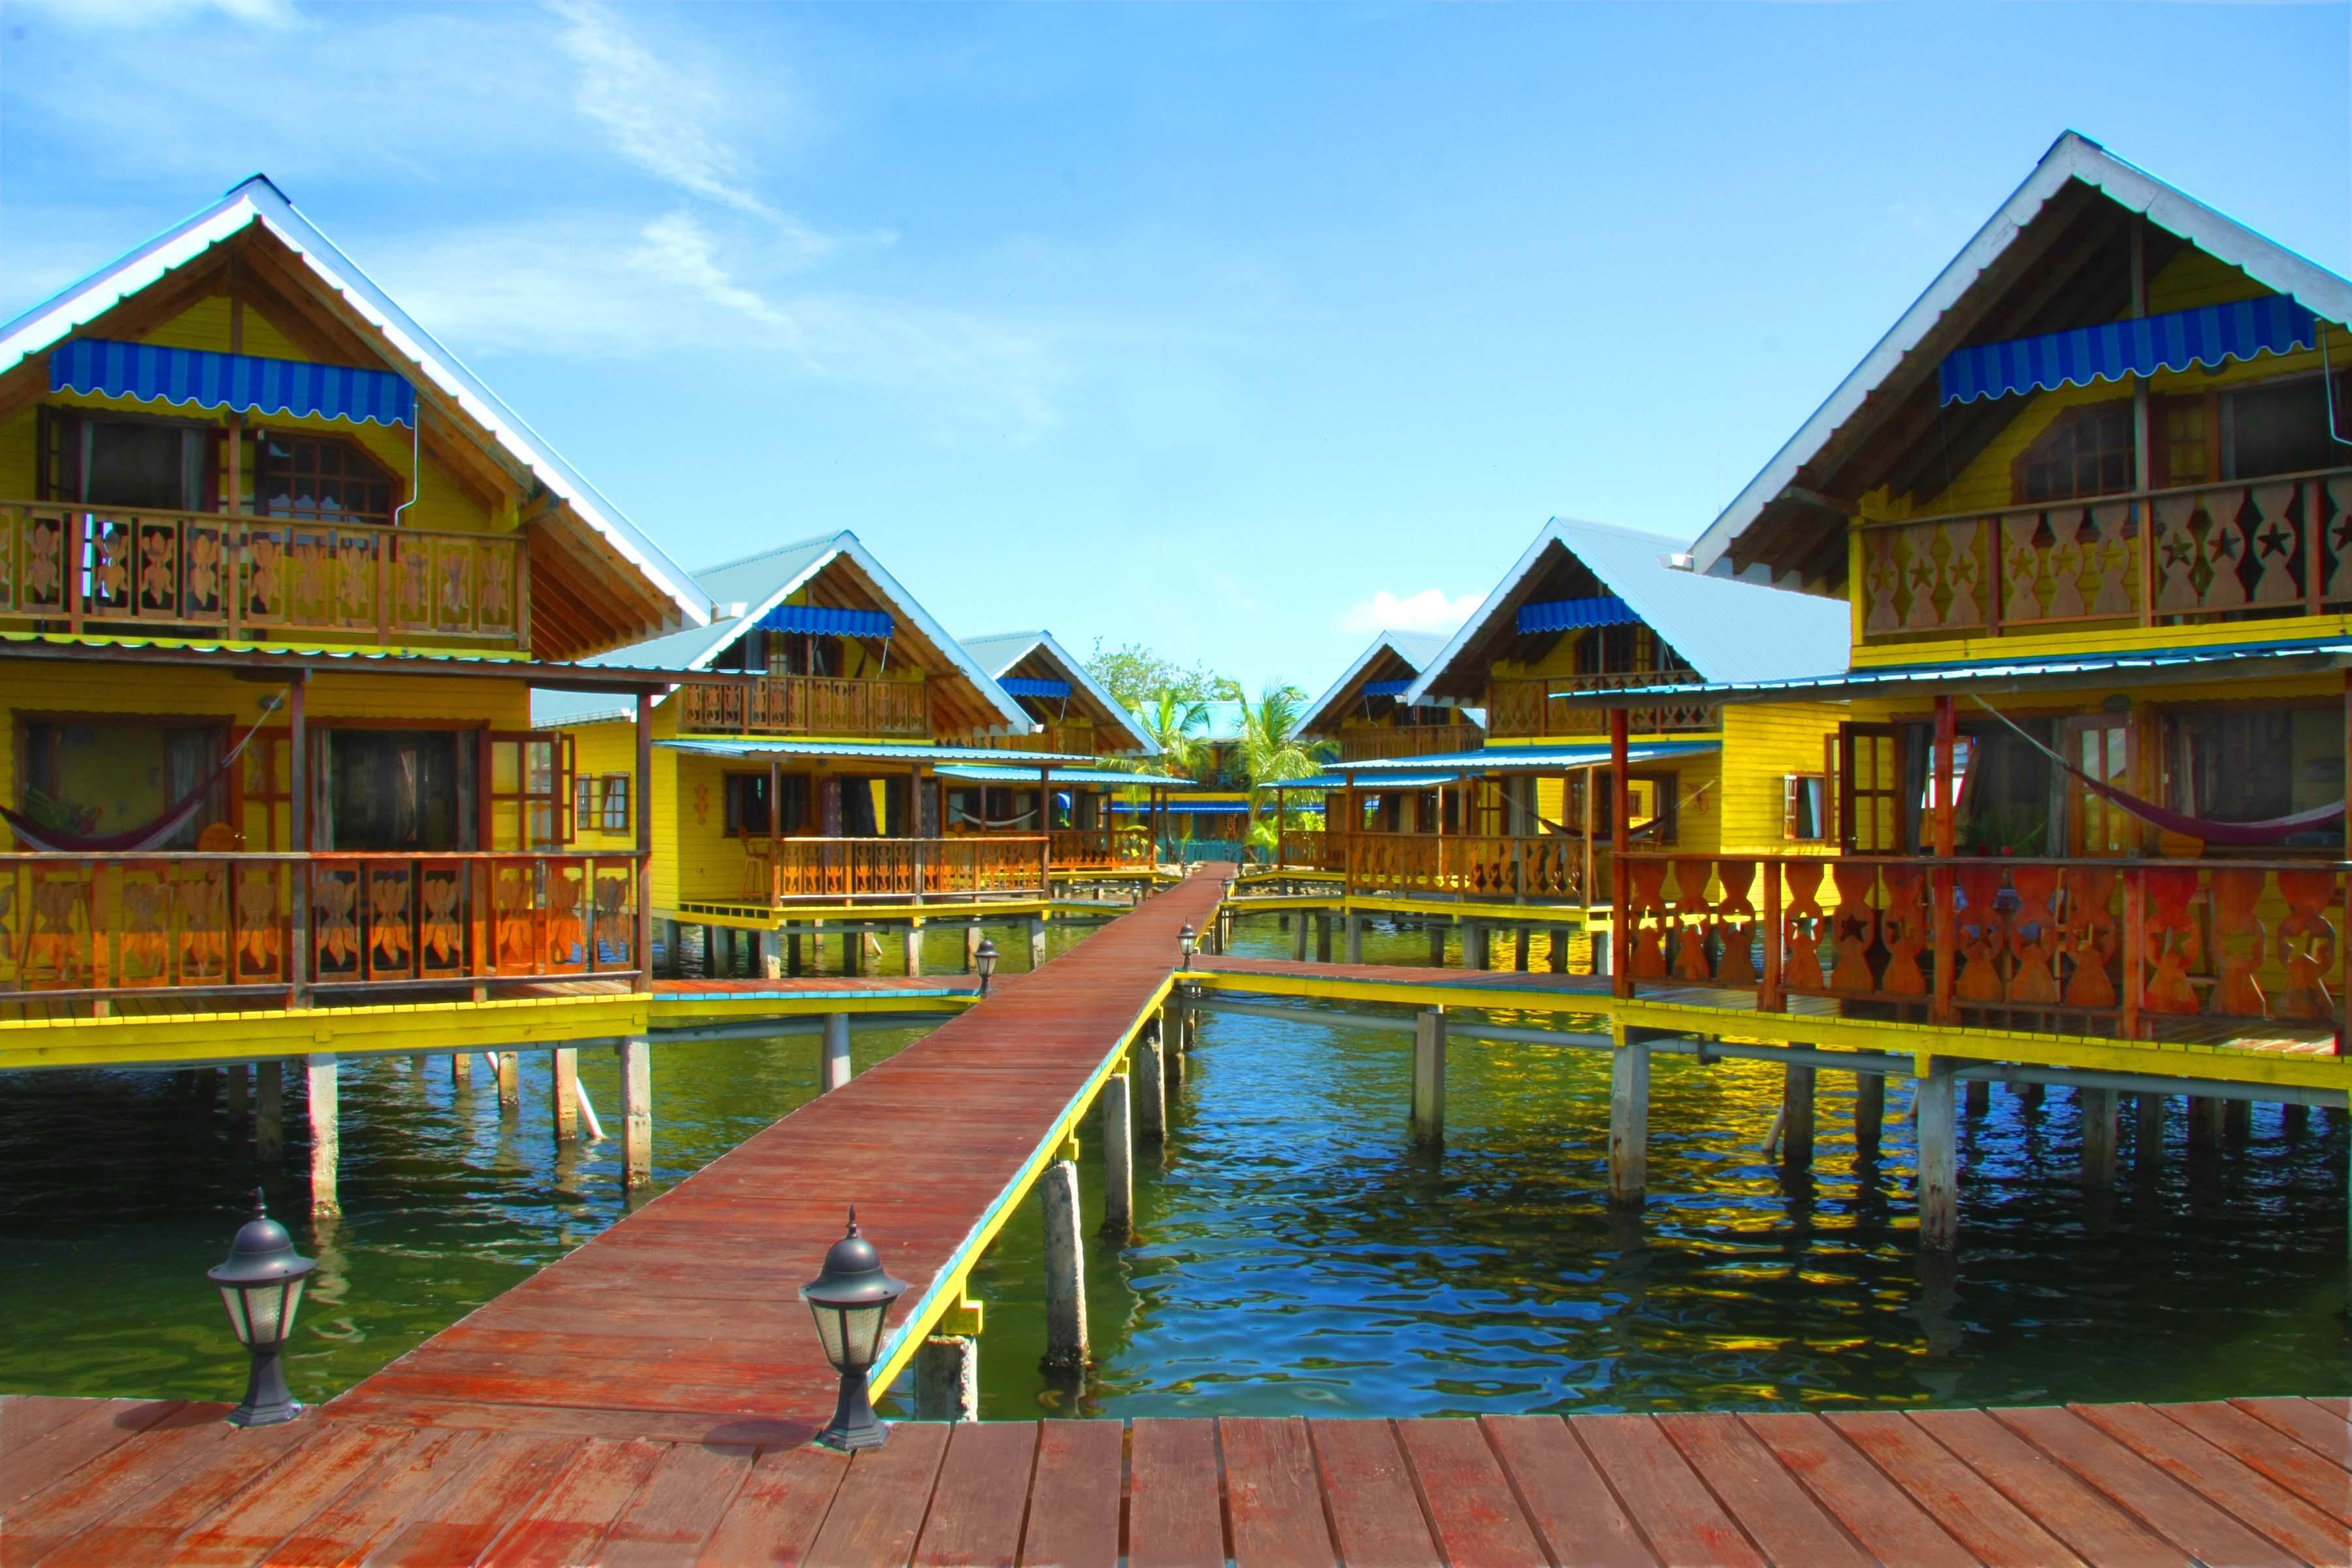 Costa Rica trip planner - Bocas del Toro in Panama